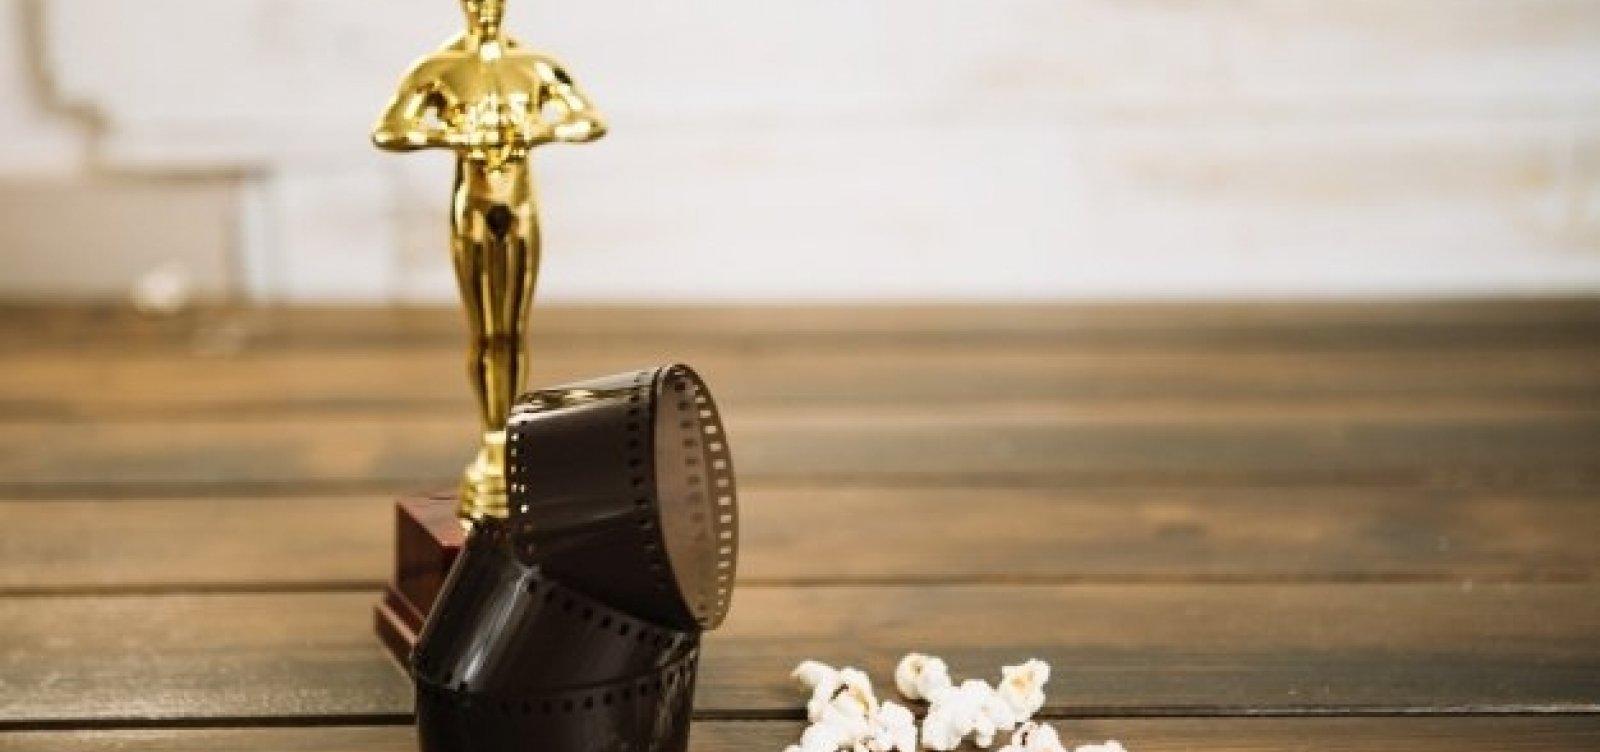 Brasil fica fora da disputa pelo melhor fime estrangeiro no Oscar 2021